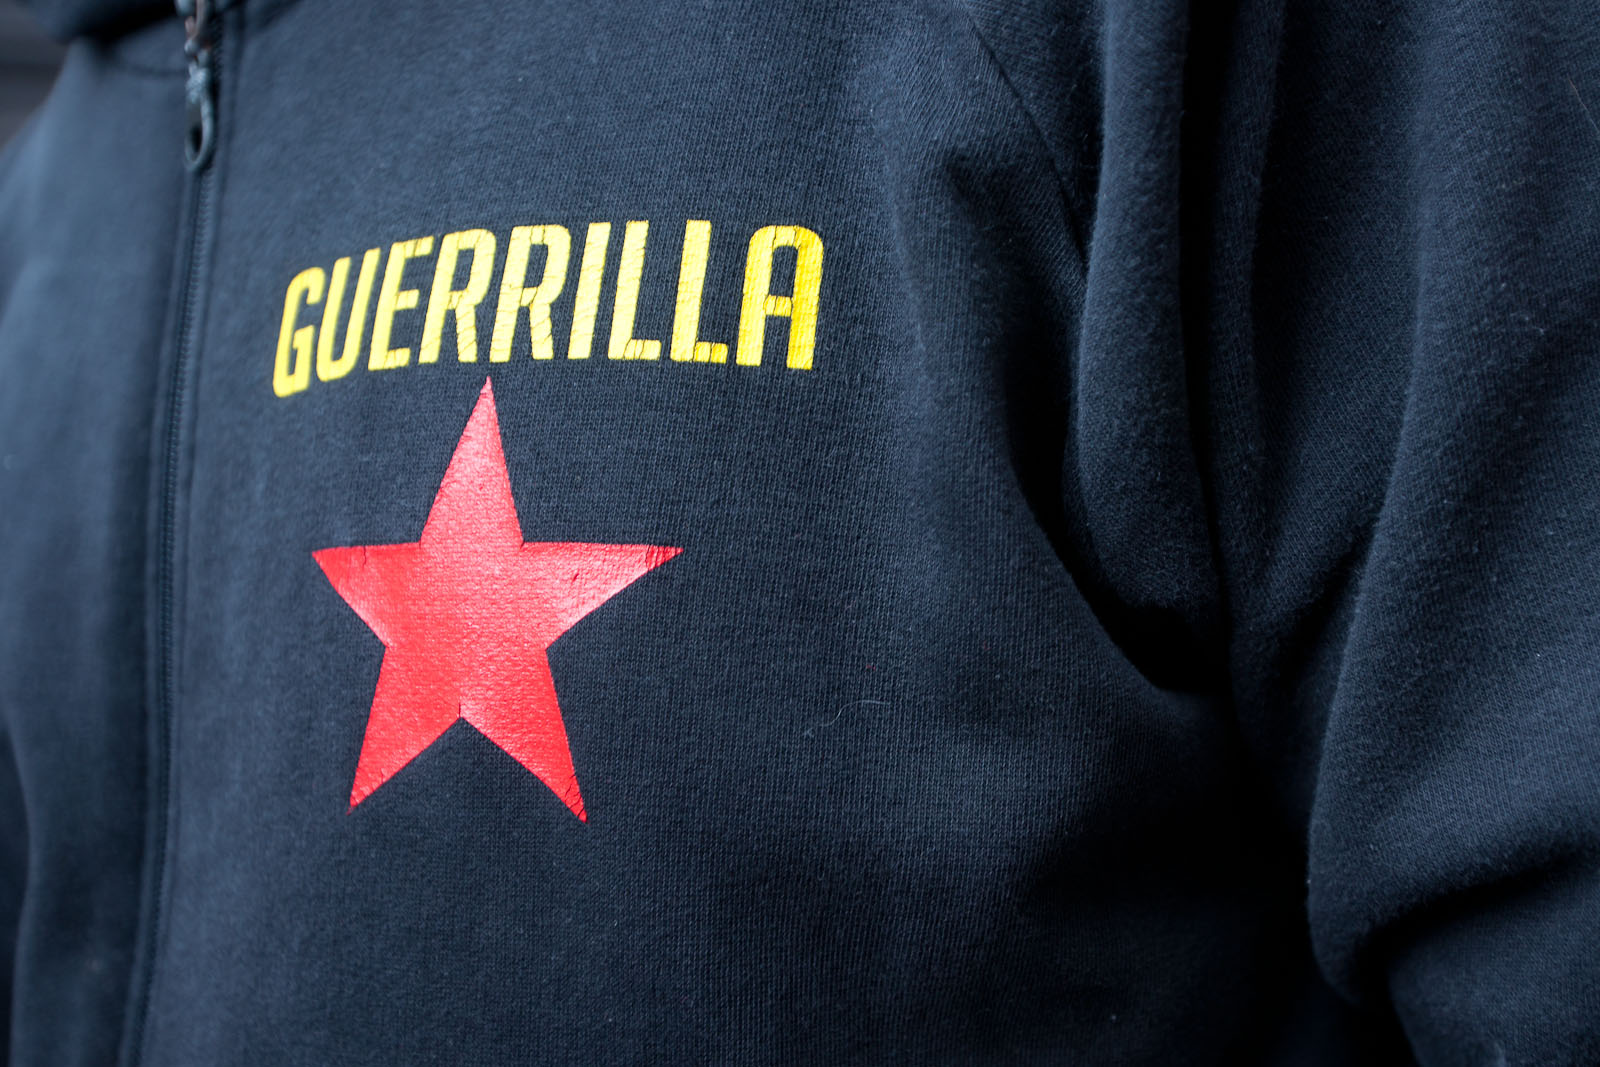 14 - Guerrilla